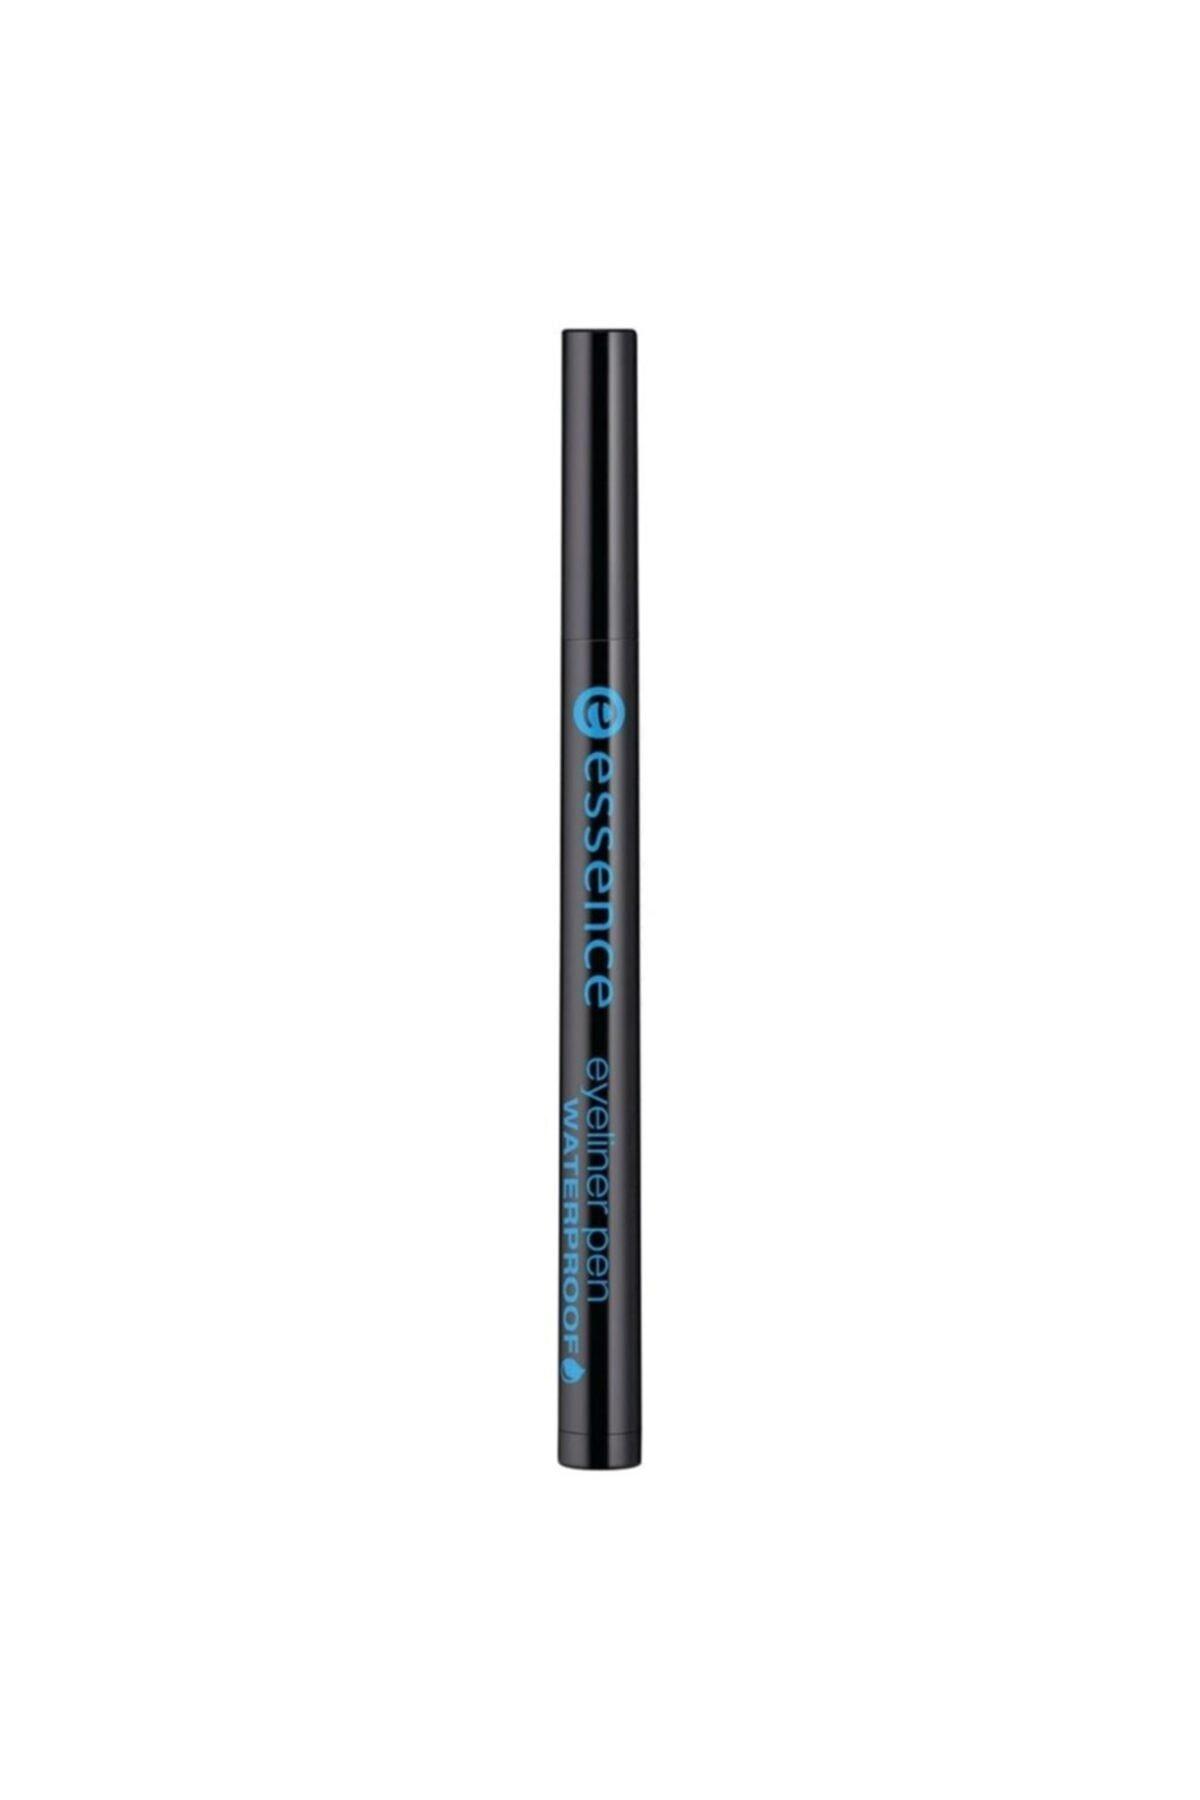 Essence Eyeliner Pen Waterproof Suya Dayanıklı Kalem Eyeliner No 01 1